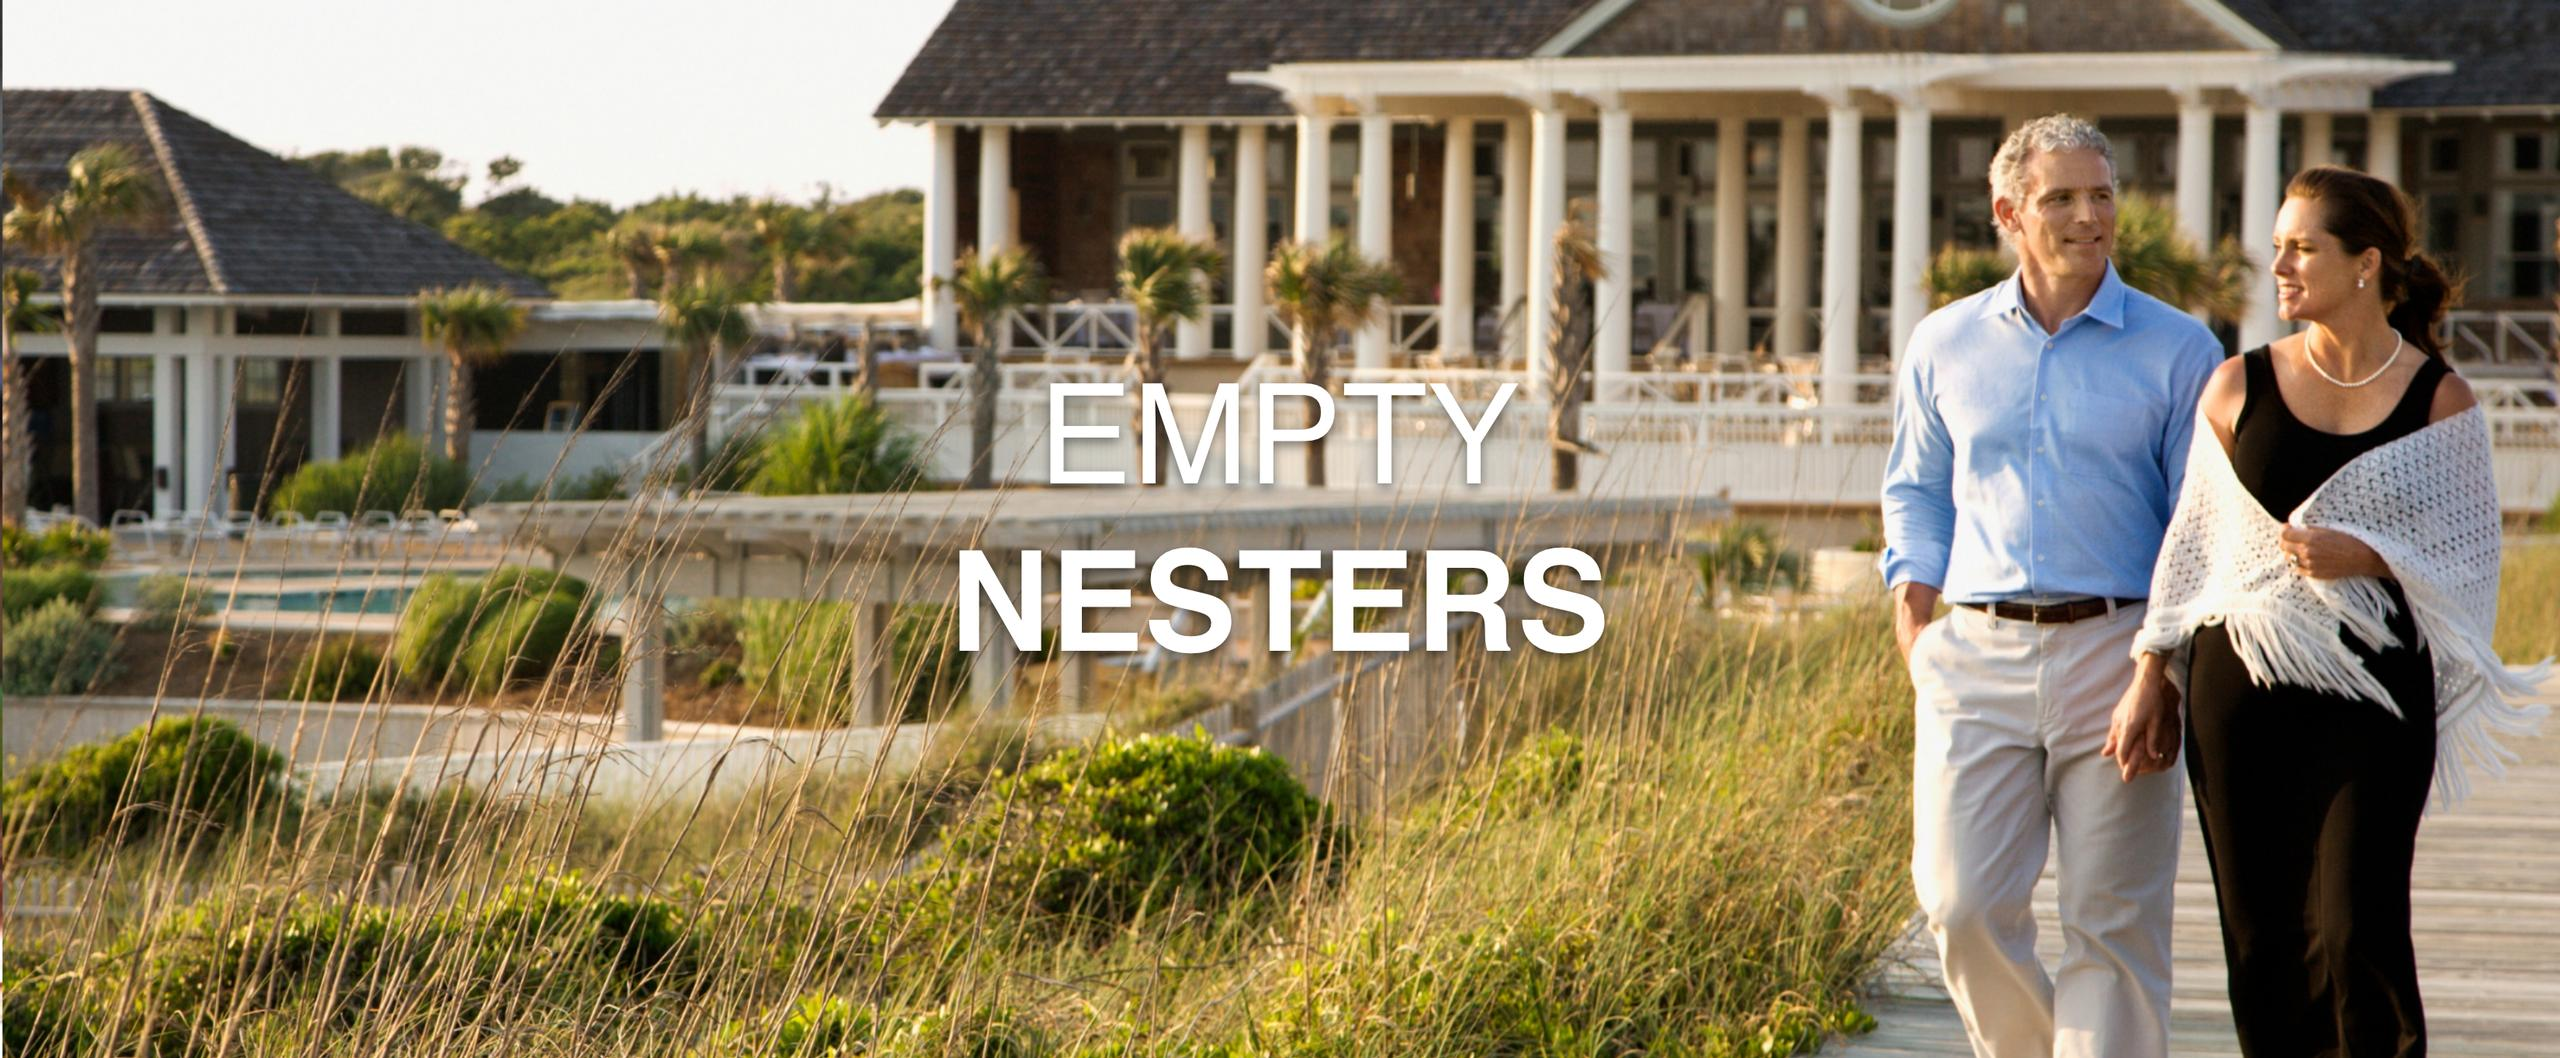 Empty Nesters